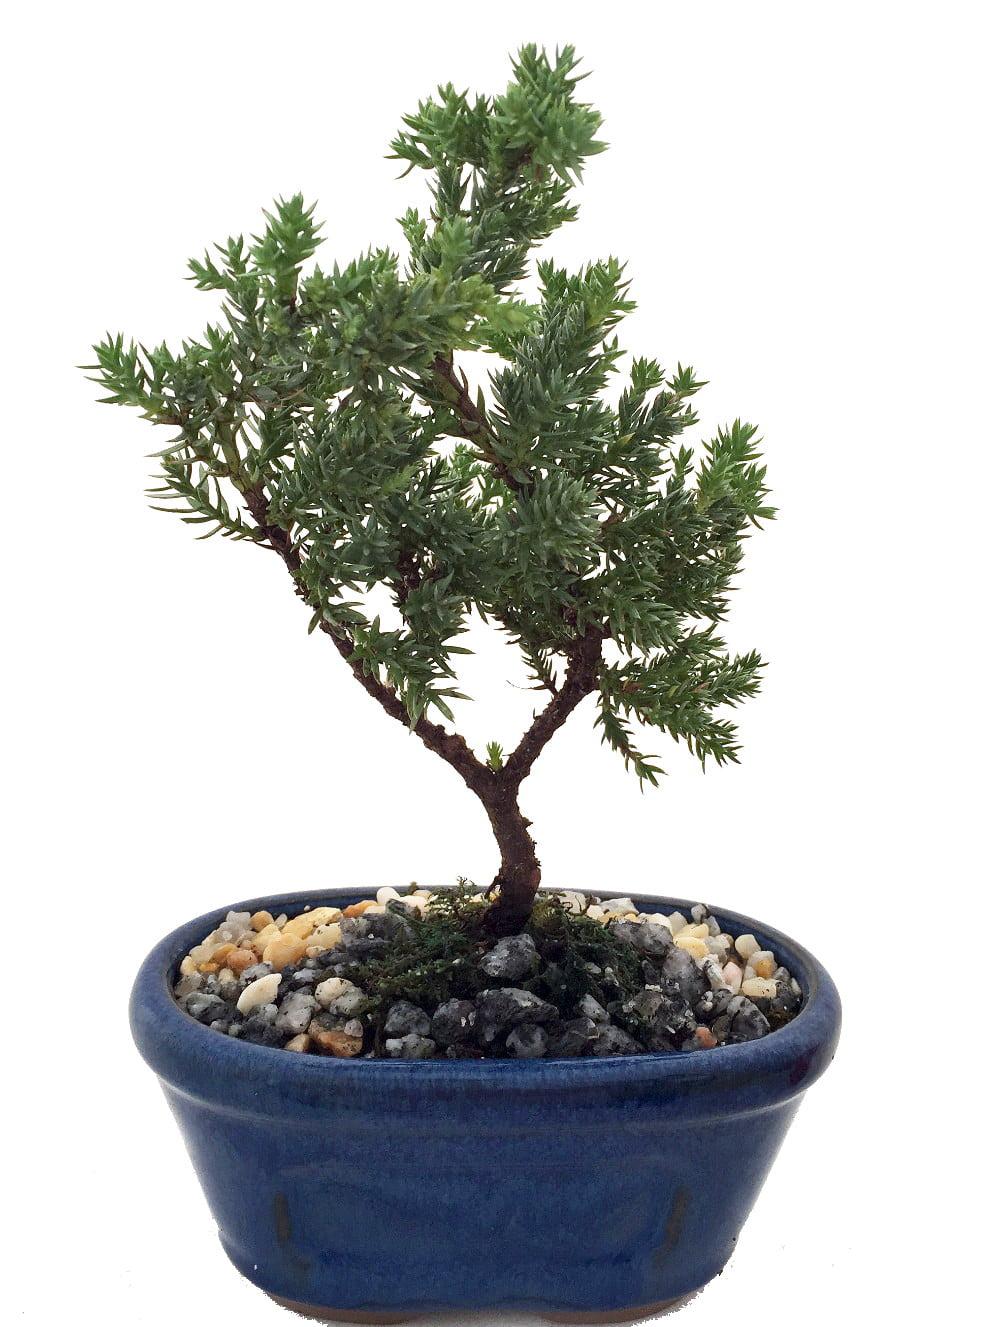 Miniature Japanese Juniper Bonsai Tree Ceramic Bonsai Pot by